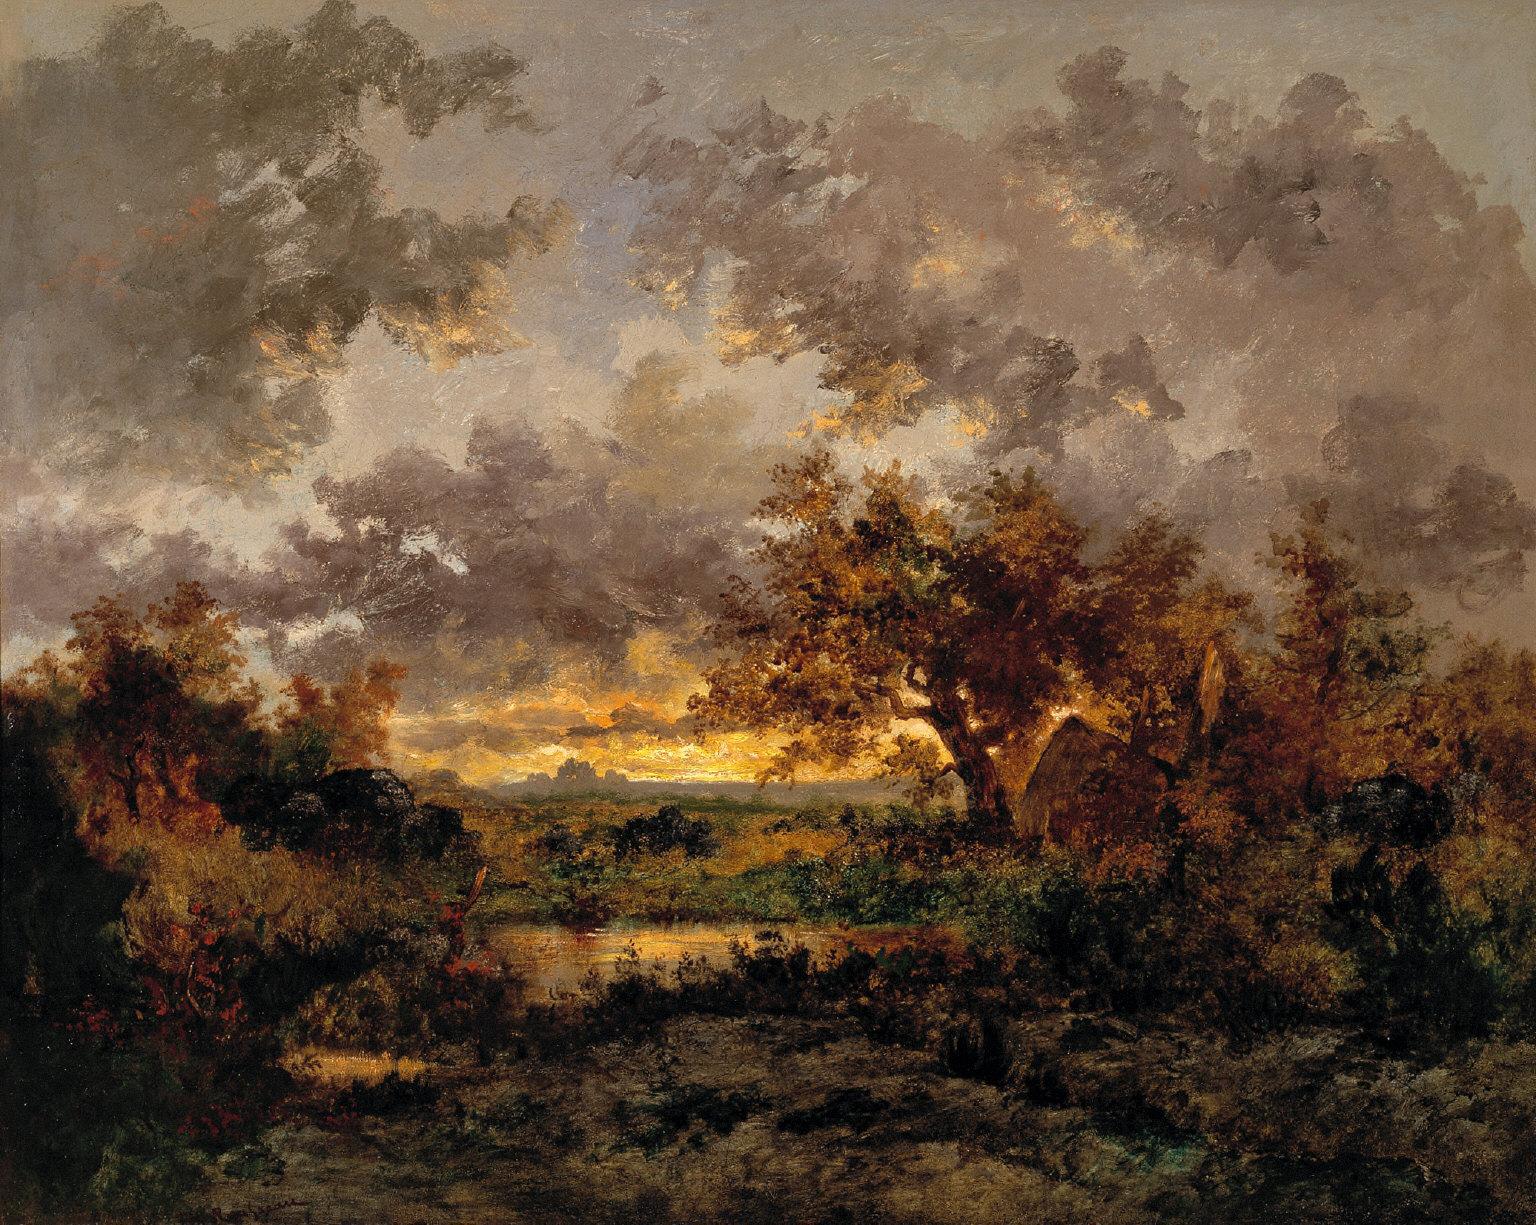 La Hutte des Charbonniers (The Charcoal Burner's Hut)